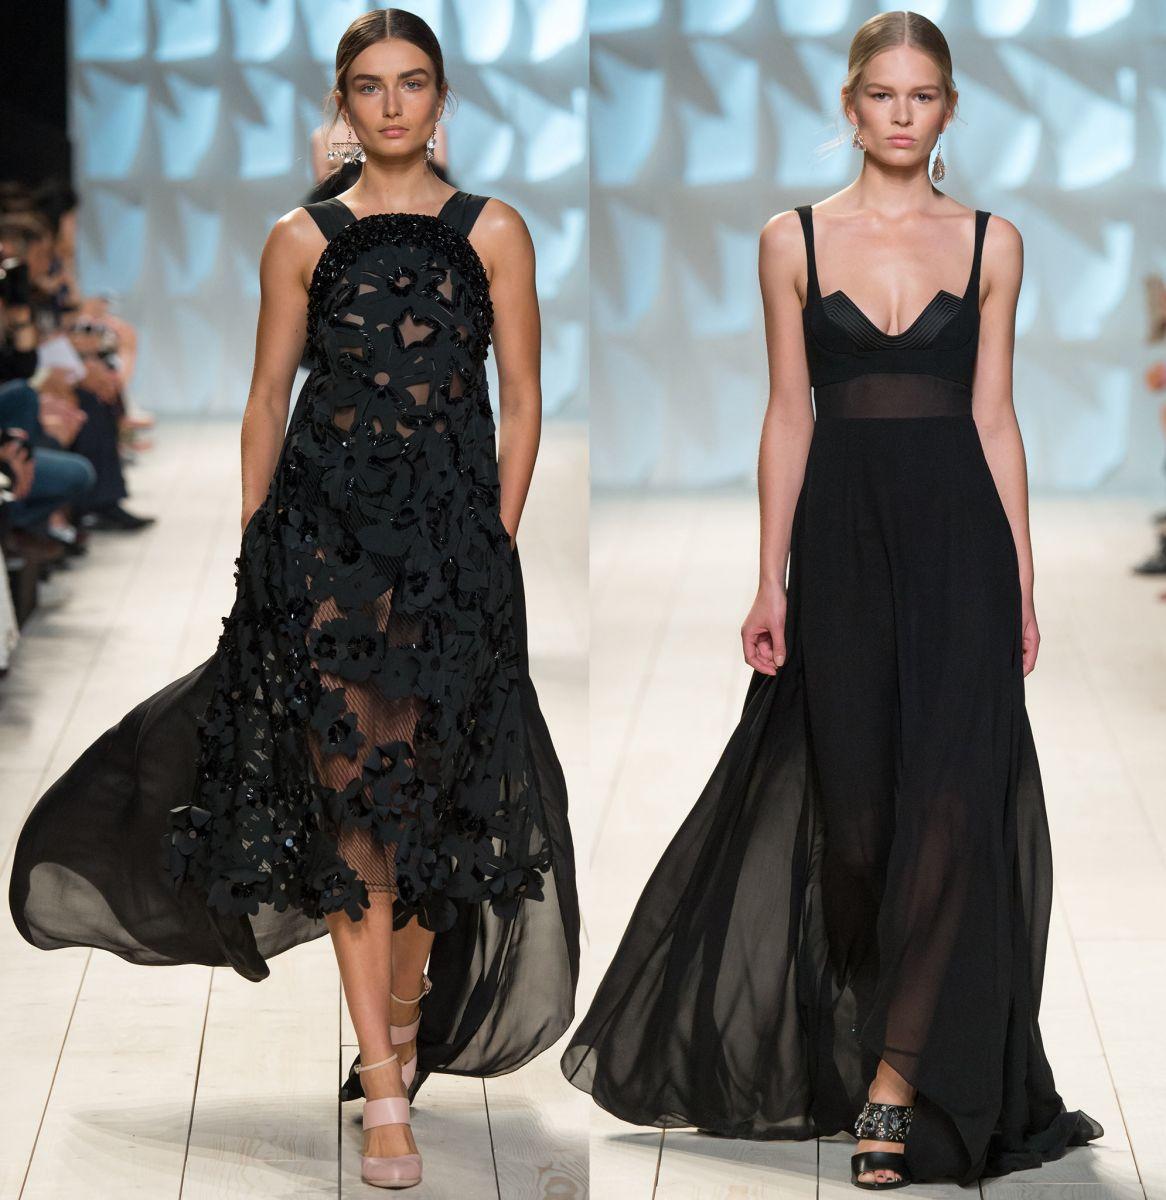 Неделя моды в Париже: Nina Ricci, весна-лето 2015 - фото №2